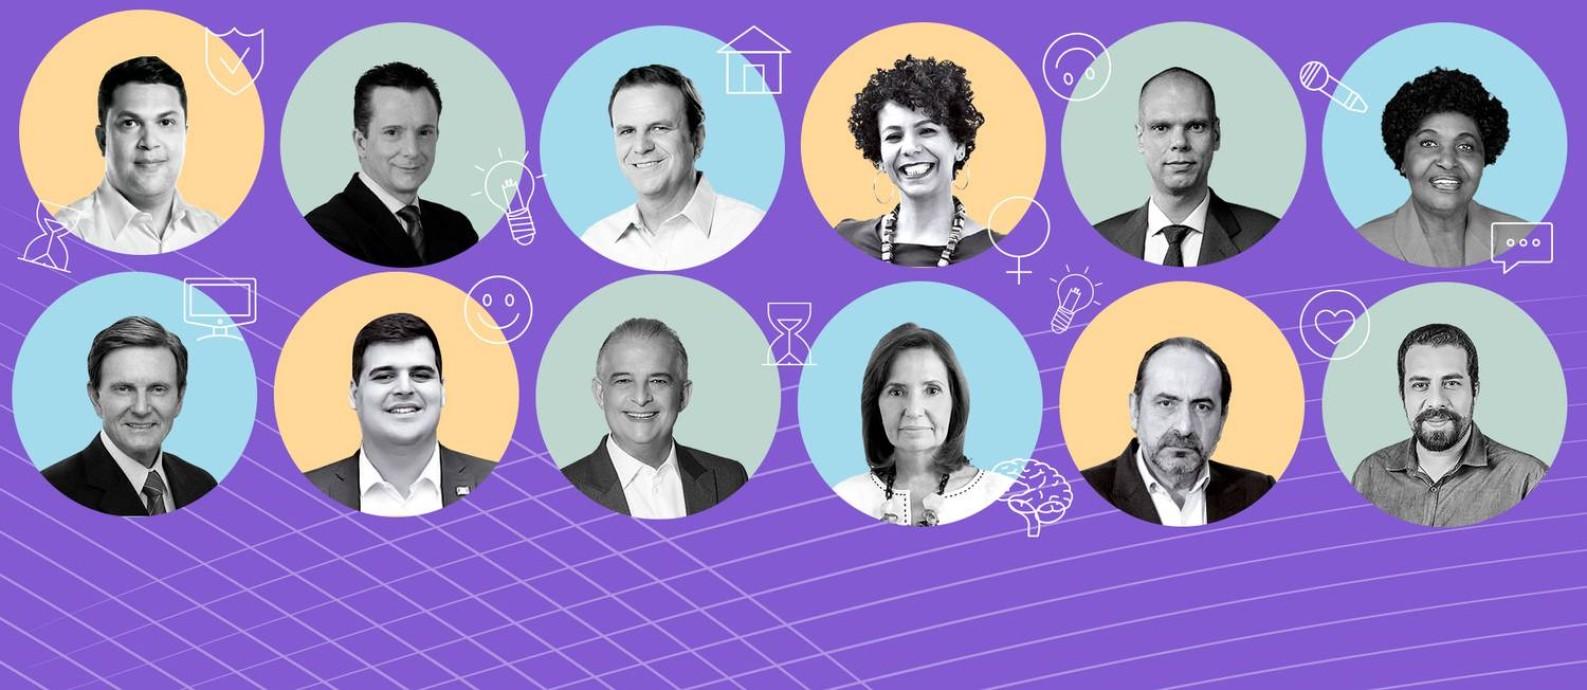 Principais candidatos de Rio, São Paulo e Belo Horizonte apontam pontos positivos de seus adversários a três semanas do primeiro turno Foto: Arte O Globo